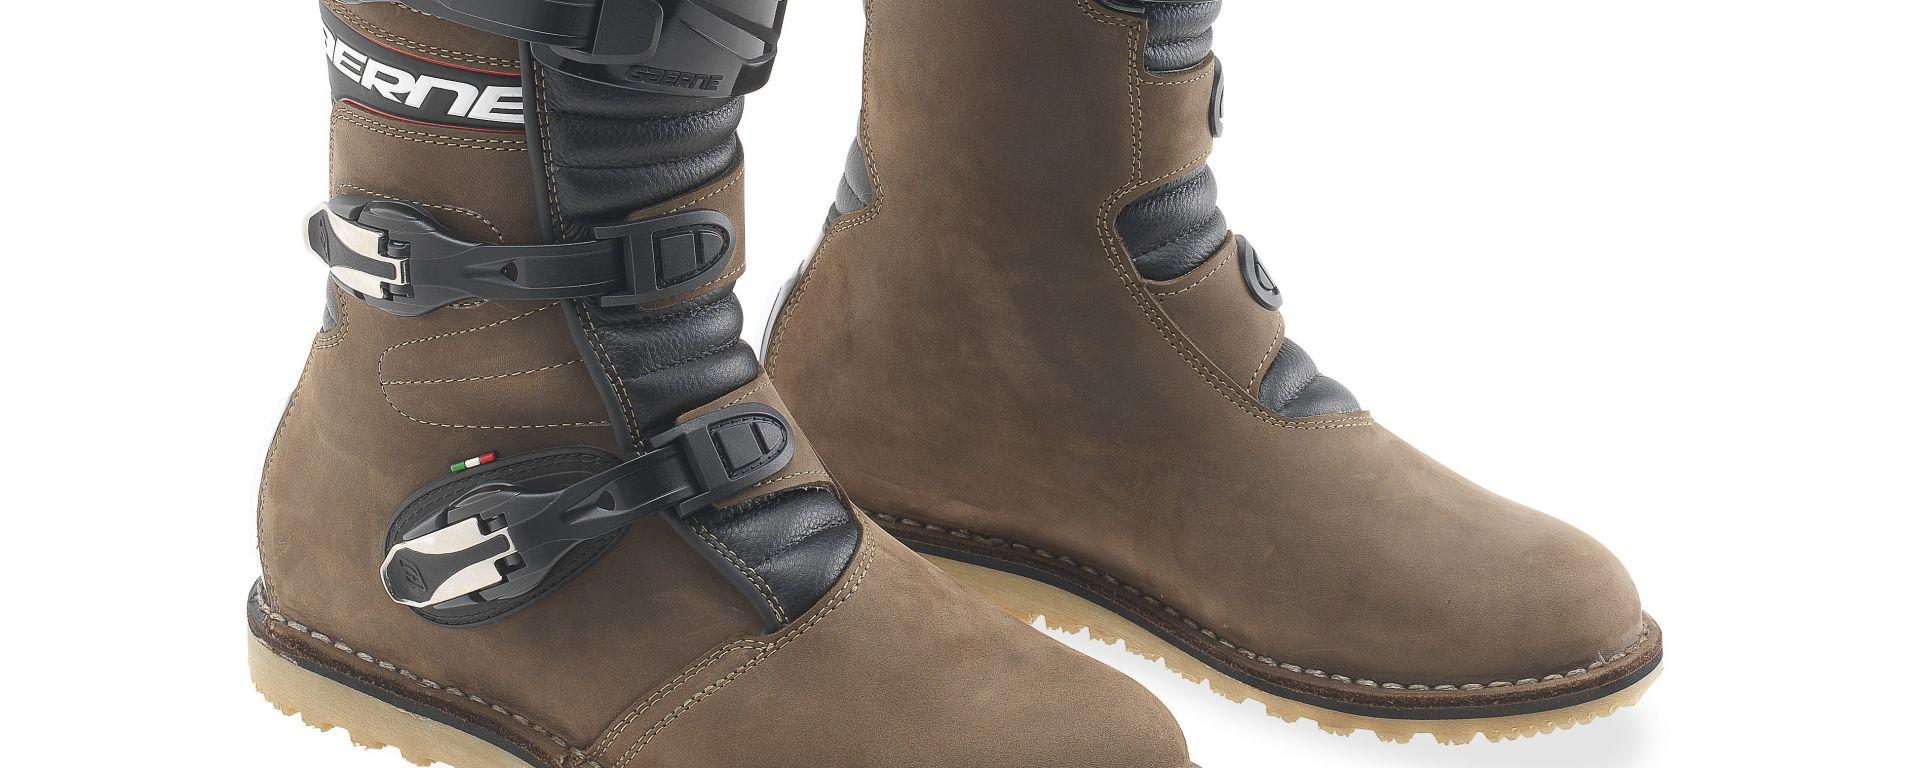 gaerne stivali moto  Abbigliamento moto: Gaerne: gli stivali della gamma Touring - MotorBox